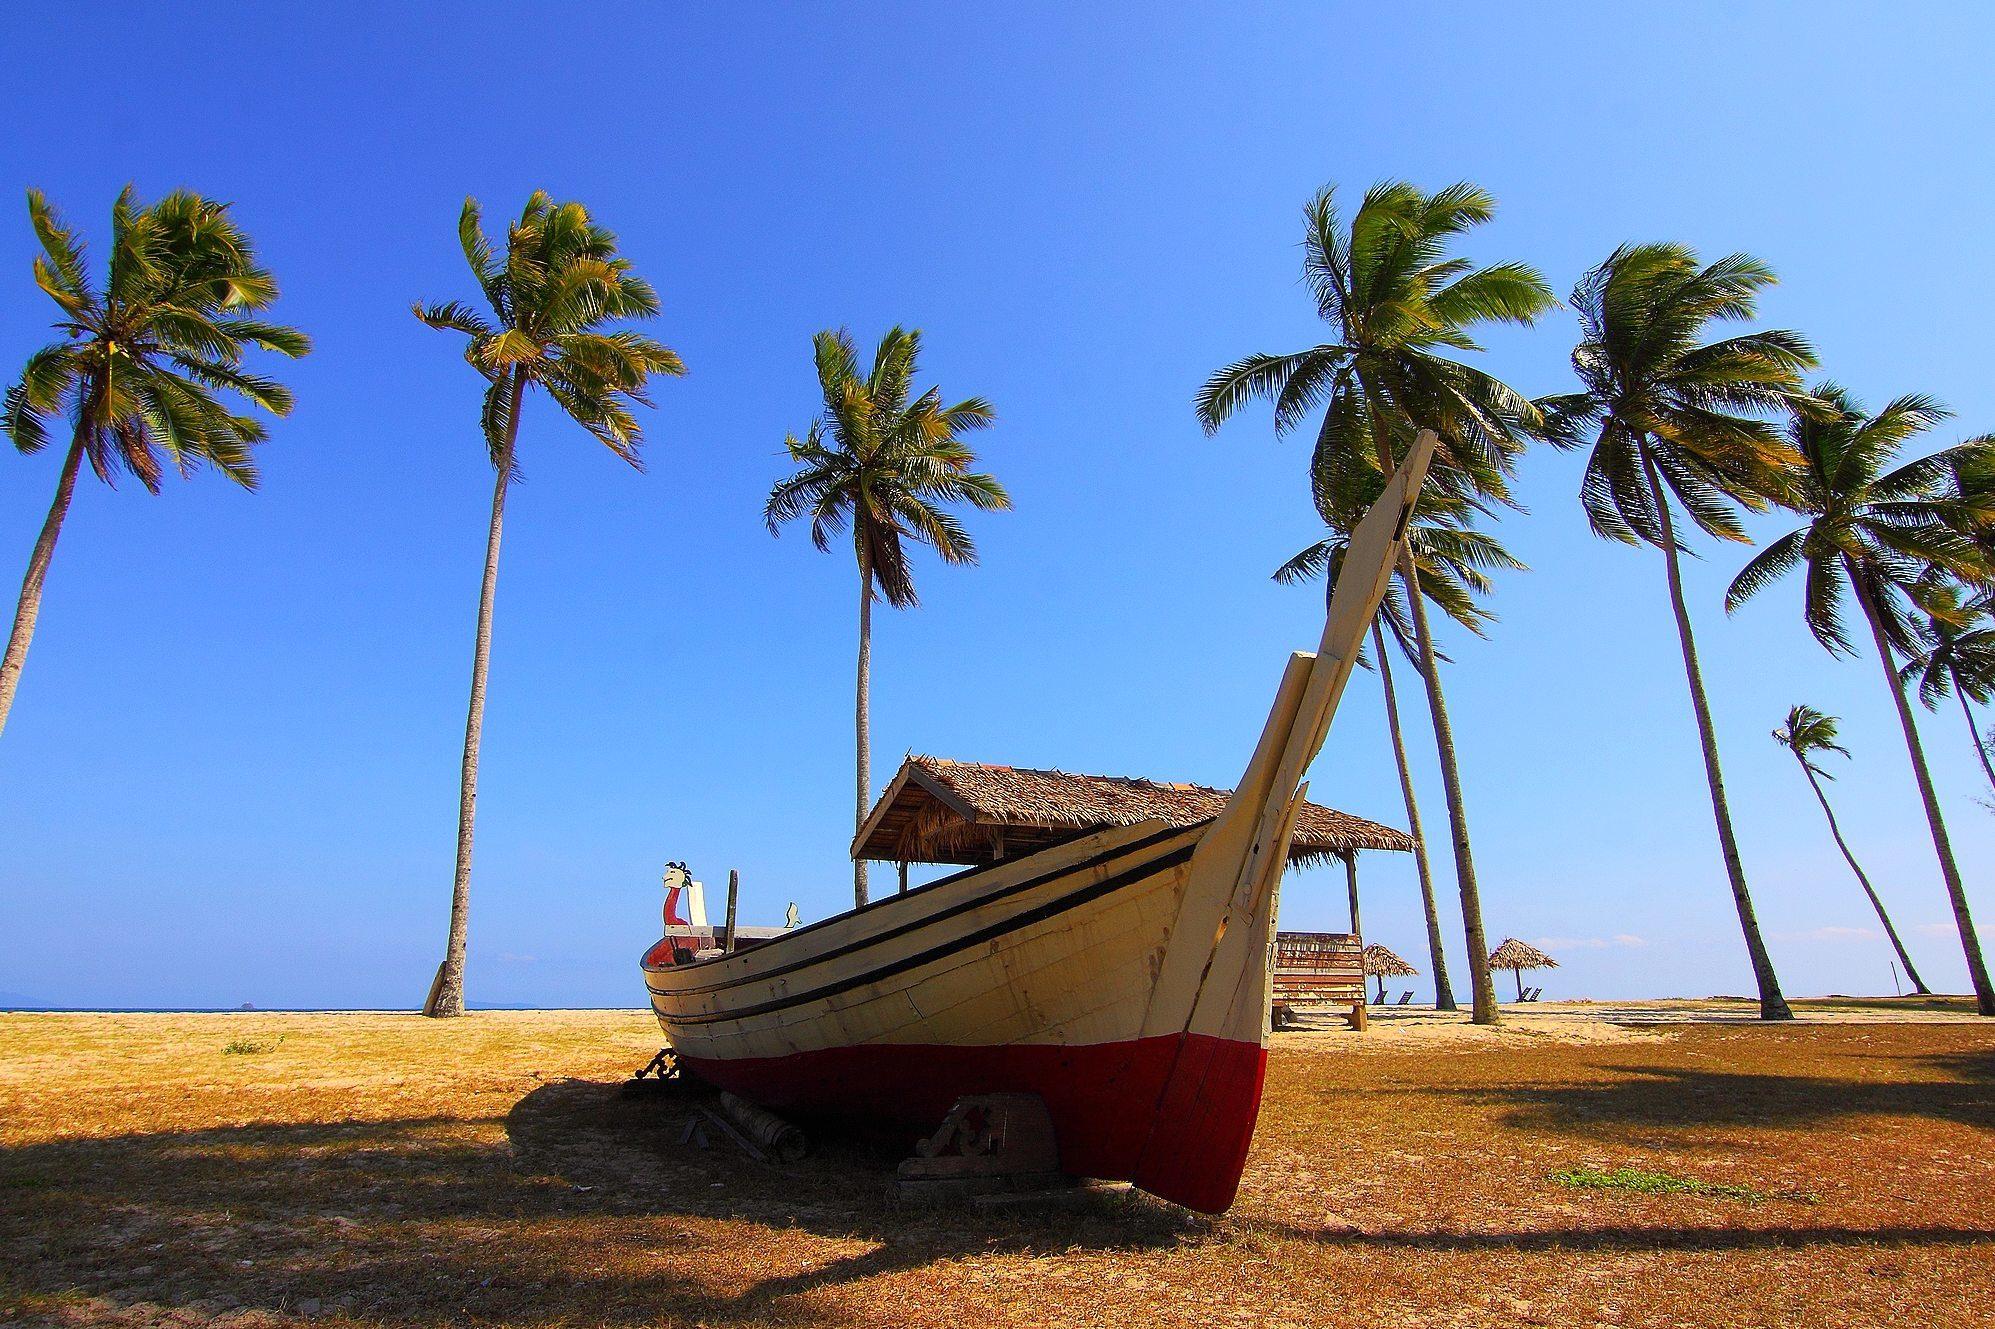 Imagen gratis Palmeras cielo azul barco playa cielo